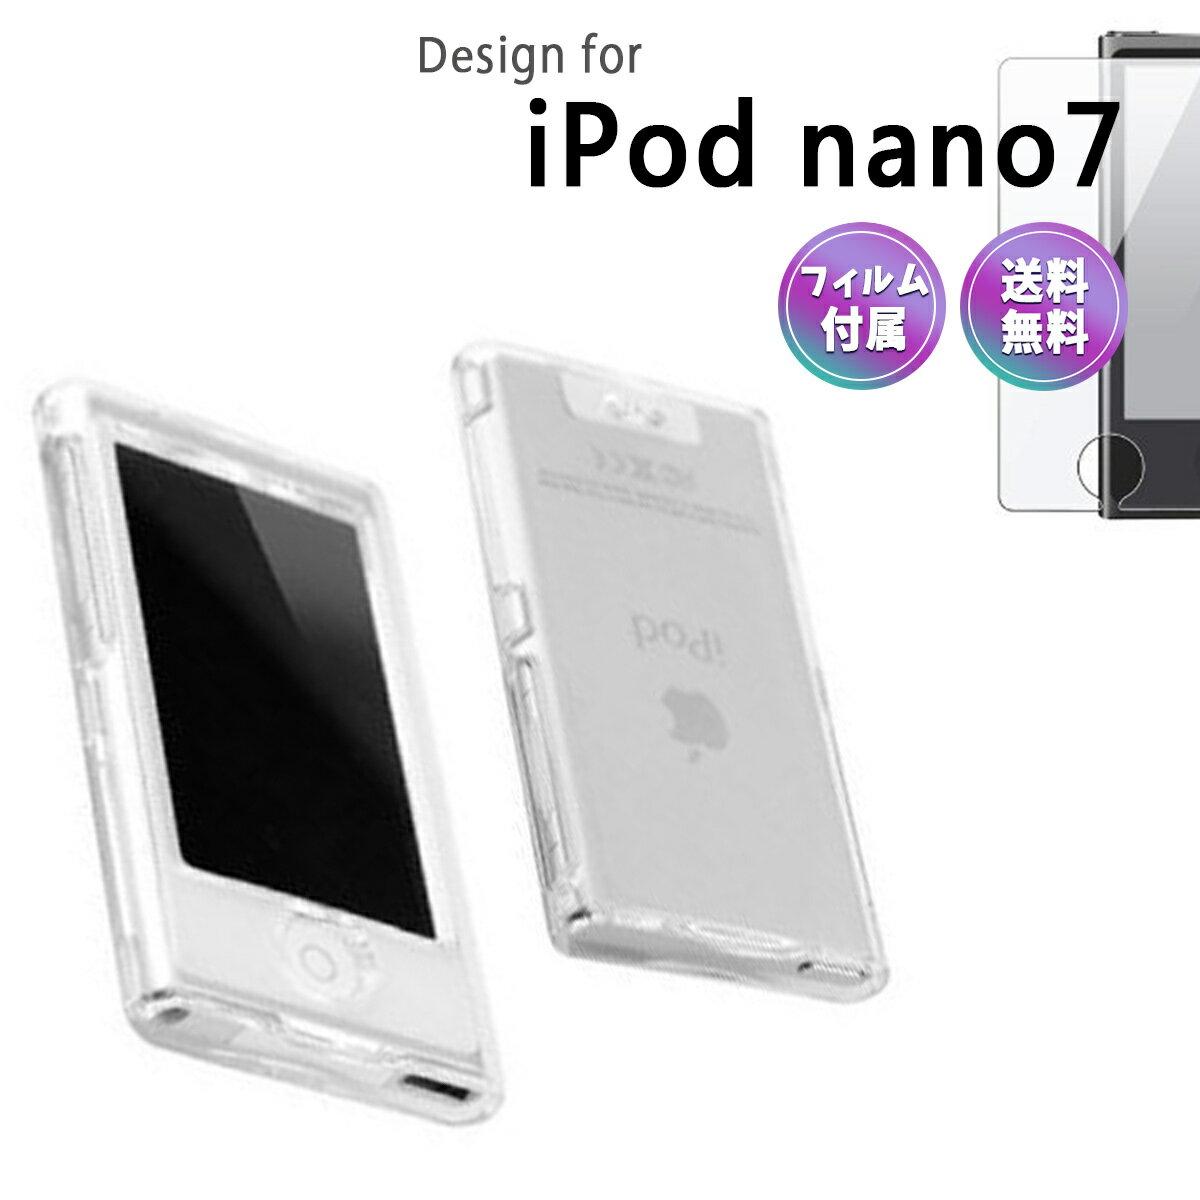 iPod nano 7 ケース アイポッド 第7世代 カバー PC ハード ストラップホール 付属 クリスタル 両面 保護 7th iPodnano7 落下防止 液晶 保護 フィルム 付属 2点セット【送料無料】ポイント消化